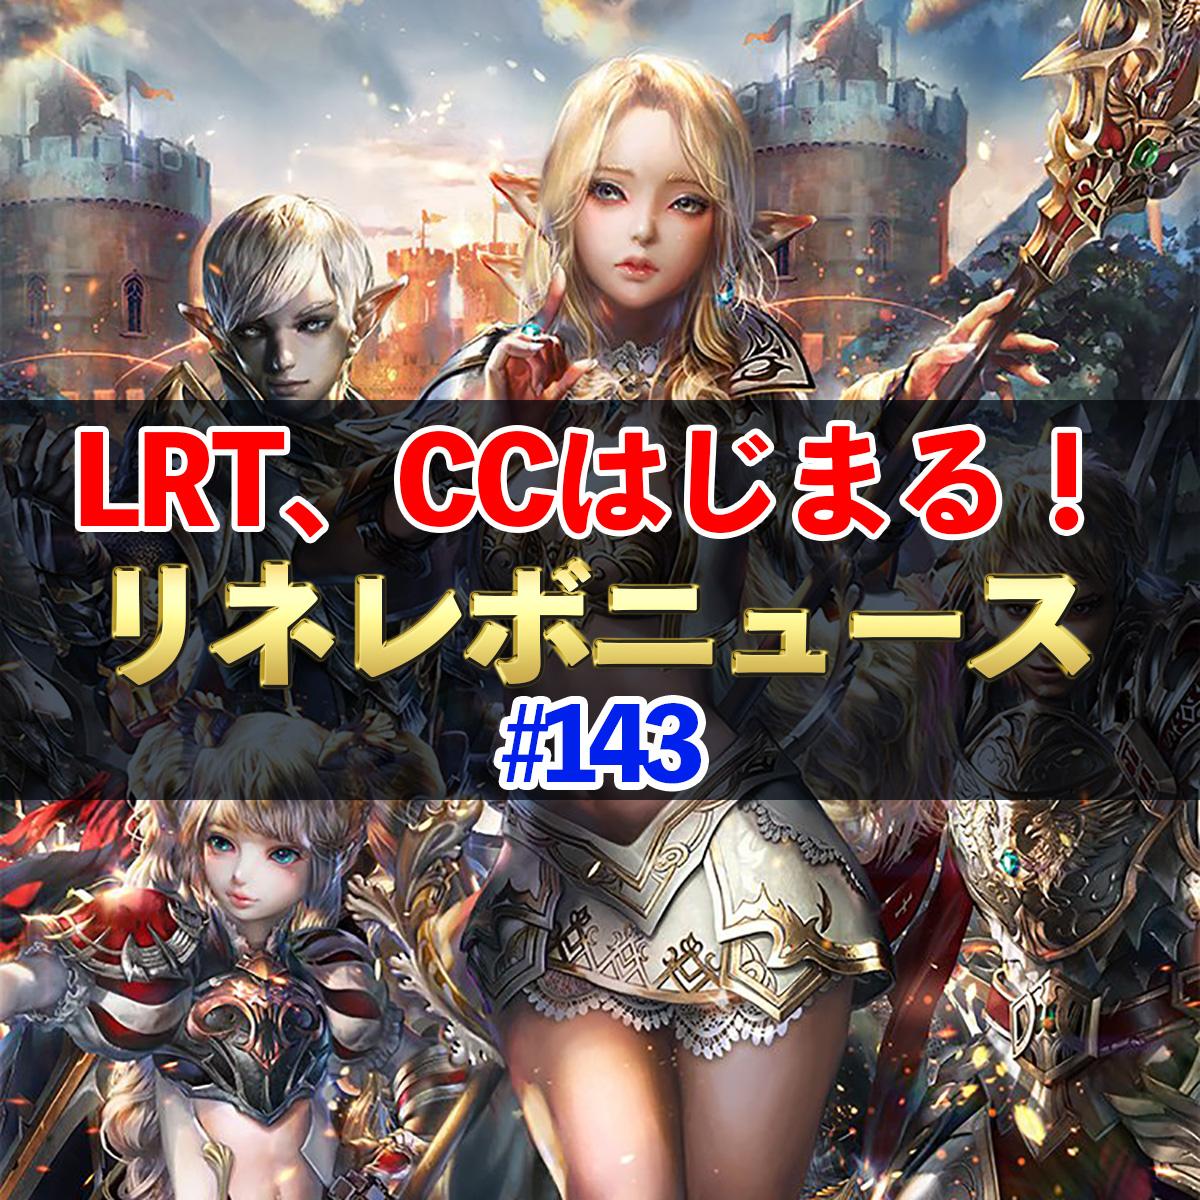 【リネレボ】LRT、CC激戦はじまる! リネレボニュース#143